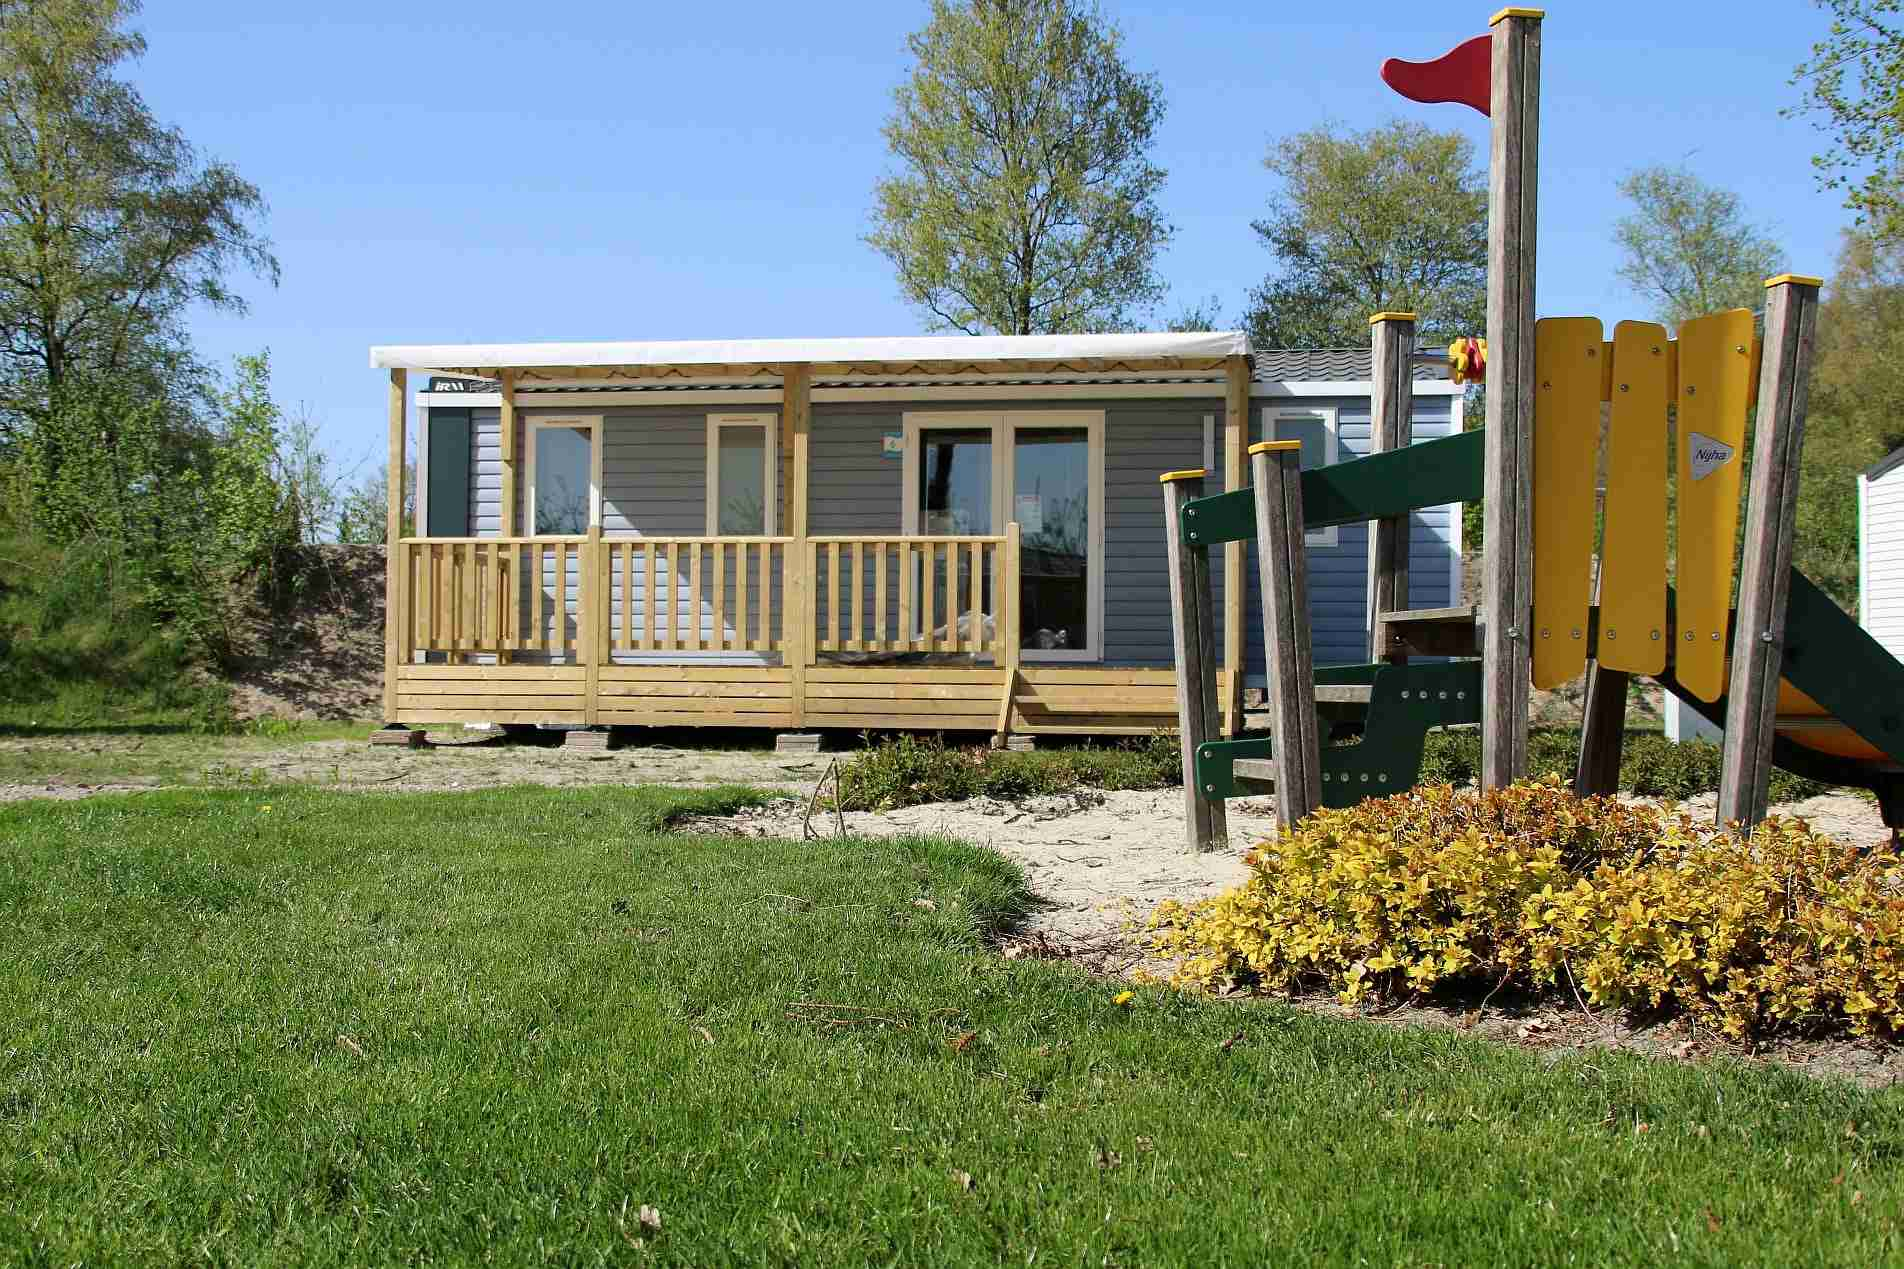 Beste camping in Overijssel - Beste camping in Overijssel